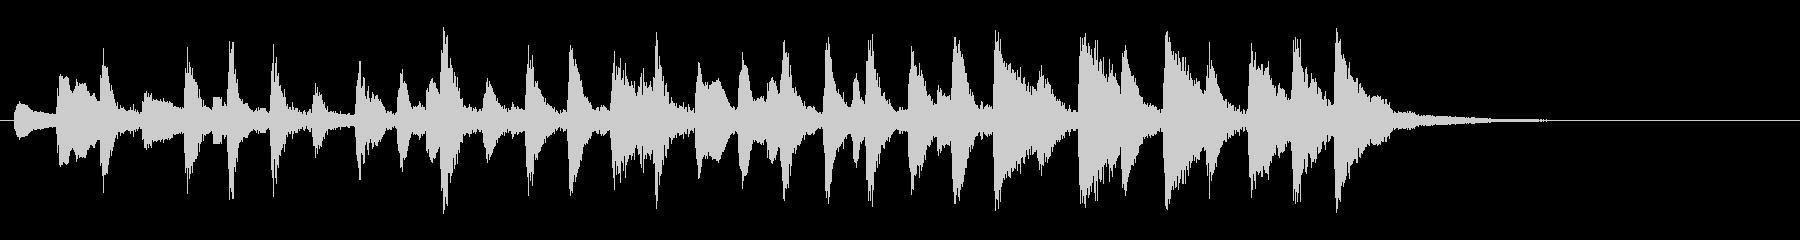 タランテッラ(ピエルネ作曲)の未再生の波形